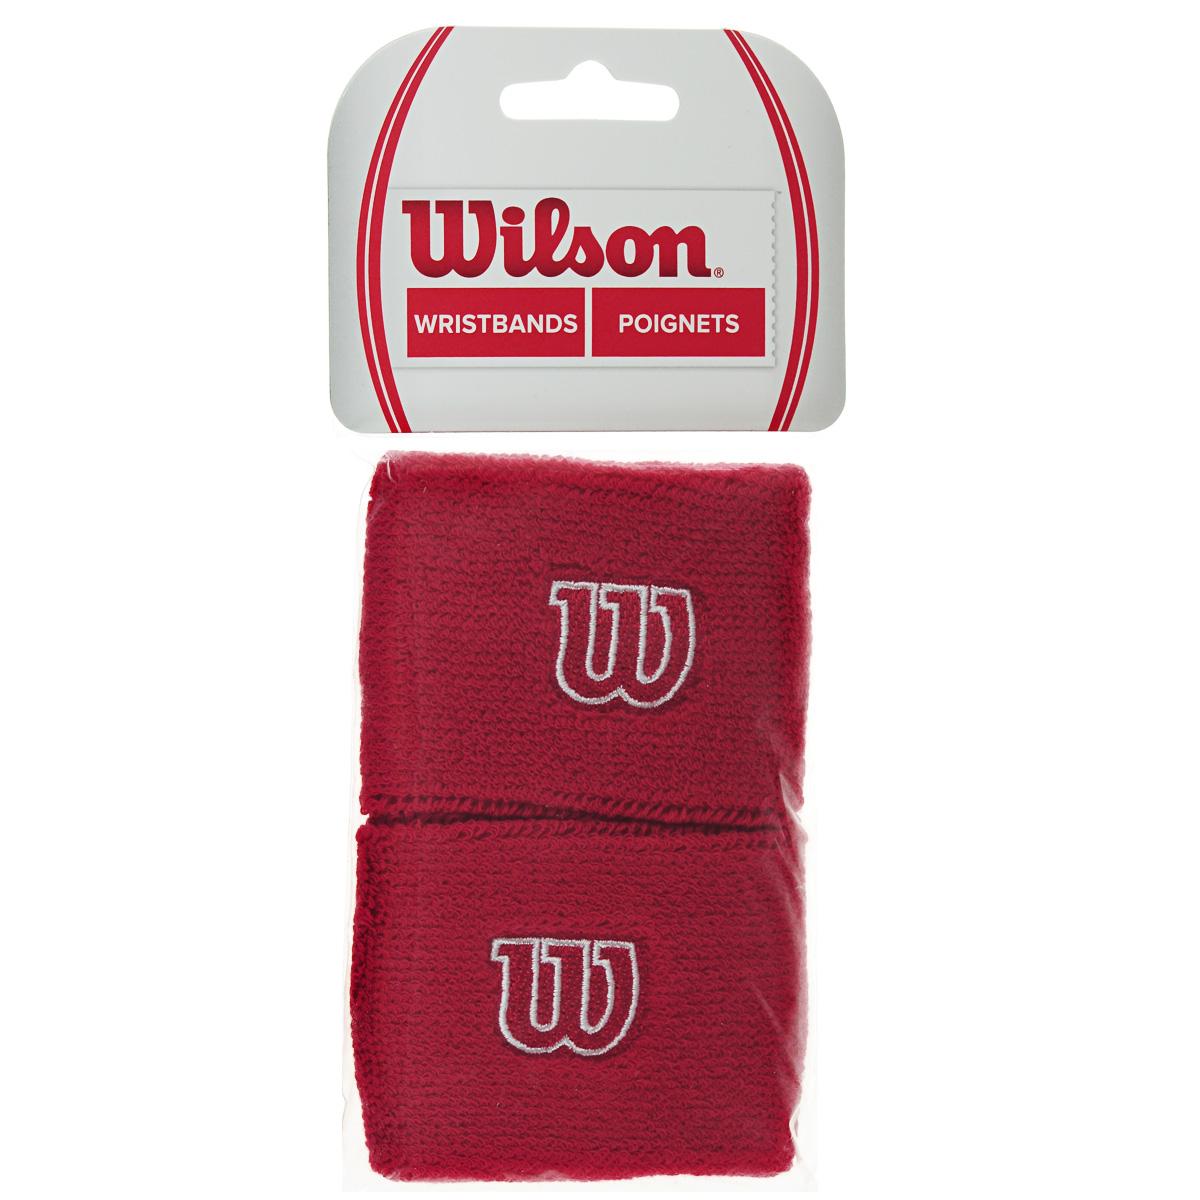 Напульсник Wilson Wristband, цвет: красный, 2 шт. Размер универсальный цена